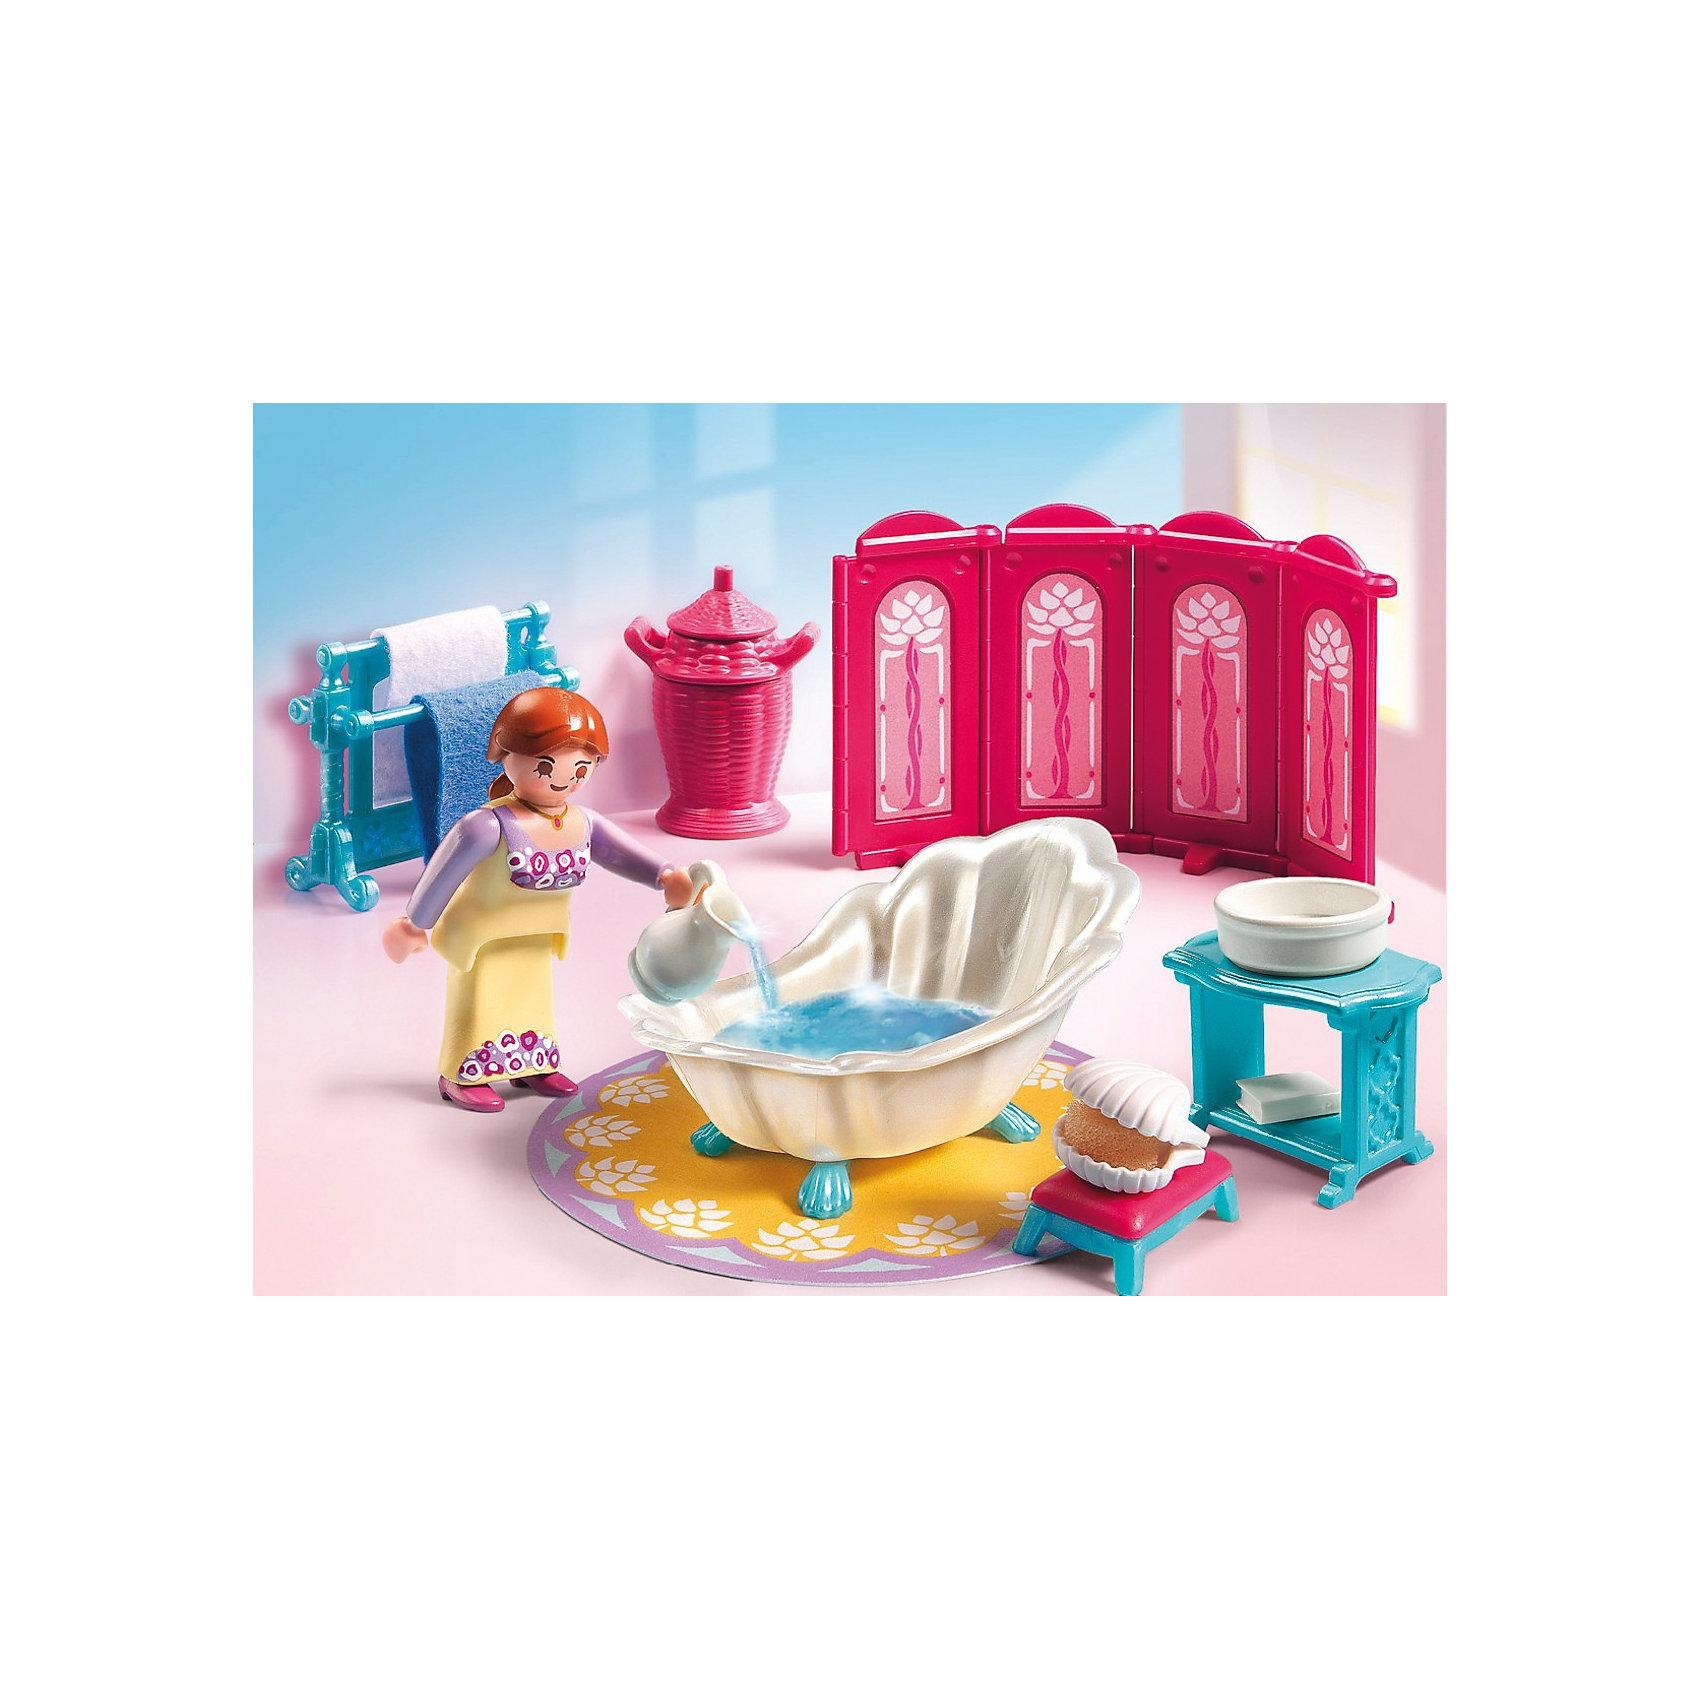 Королевская ванная комната, PLAYMOBILИзвестный бренд  Playmobil дарит своим  друзьям  игровой набор с элементами конструктора Королевская ванная комната<br>Даже в ванной у королевской особы должно быть все по королевские!<br><br>В наборе:<br>- ванна в форме ракушки, коврик, фигурка девушки, ширма, два полотенца, корзина, пуфик, кувшин, тазик, мыло, мыльница, вешалка, столик.<br><br>Игрушки от немецкого бренда Playmobil отличаются высоким качеством и надежностью. <br>Замечательное качество игрушек Playmobil — возможность совмещать наборы друг с другом, раздвигая границы игры до бесконечности. <br>Придумывайте и создавайте свои истории вместе с игрушками бренда Плеймобил!<br><br>Ширина мм: 203<br>Глубина мм: 151<br>Высота мм: 79<br>Вес г: 146<br>Возраст от месяцев: 48<br>Возраст до месяцев: 120<br>Пол: Женский<br>Возраст: Детский<br>SKU: 2265280